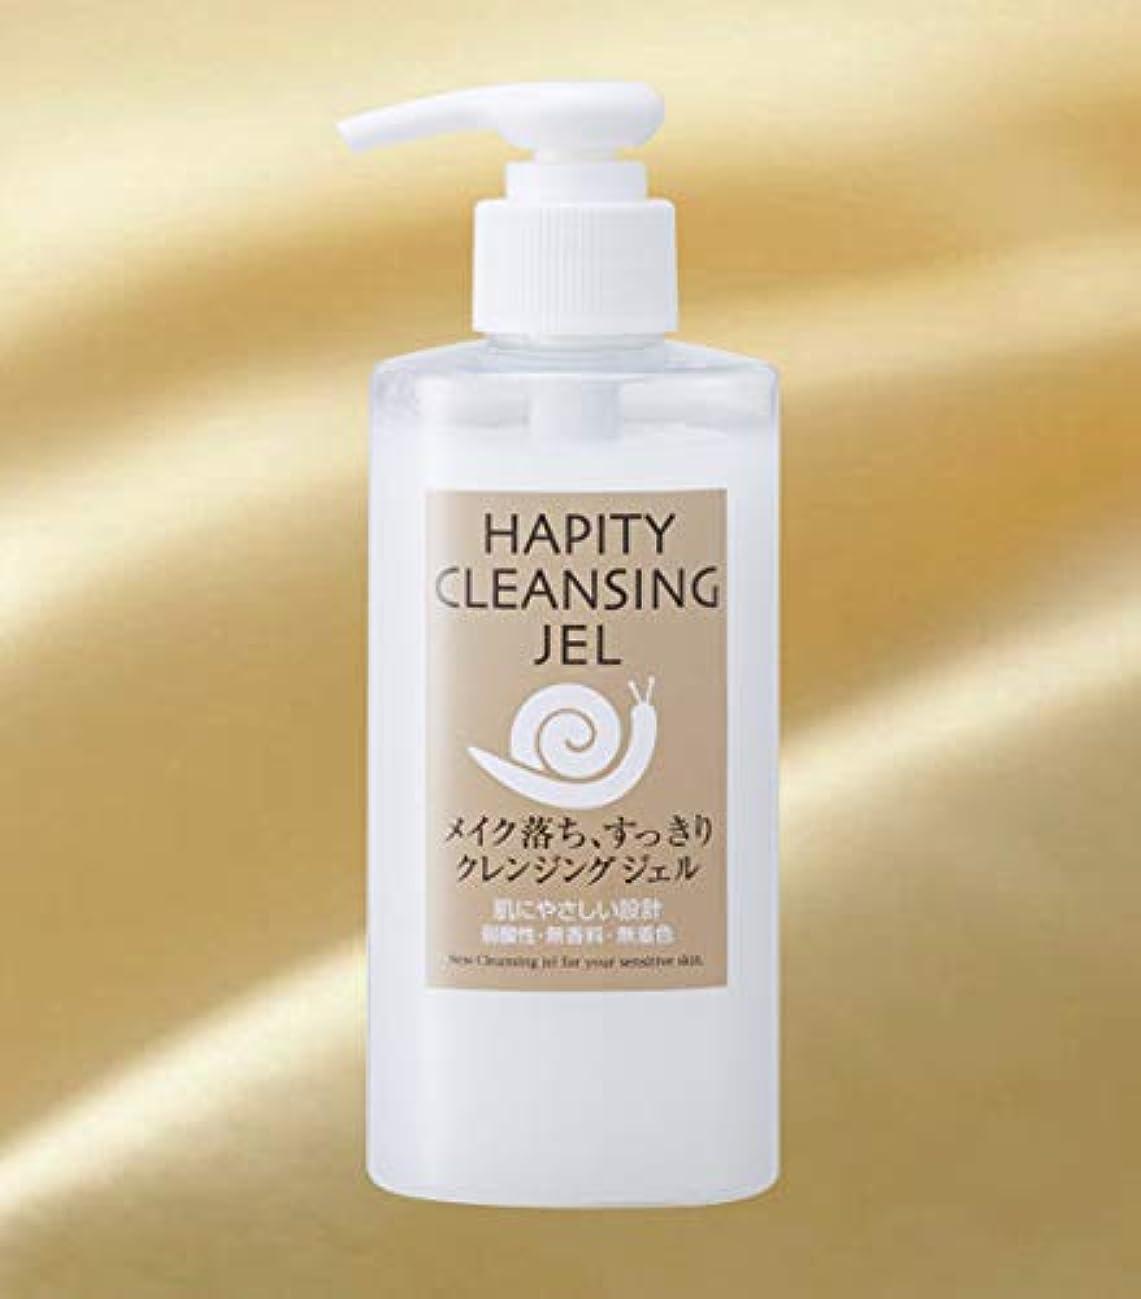 条約いろいろ散文ハピティ クレンジングジェル (200g) Hapity Cleansing Jel